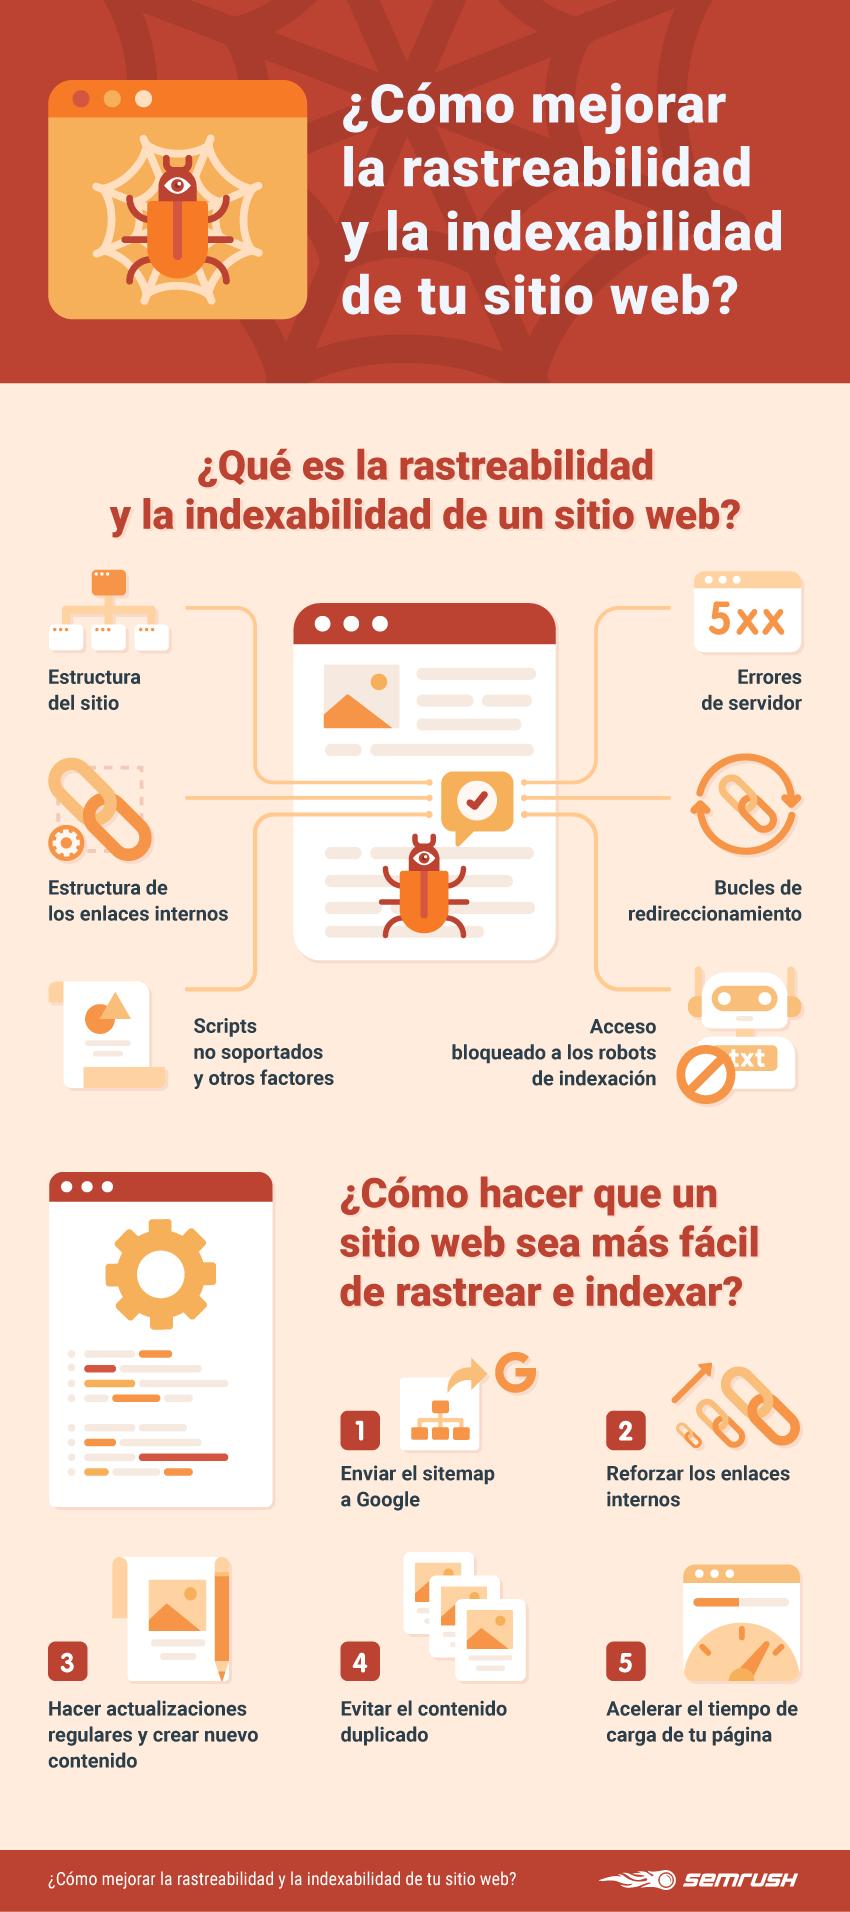 Qué es la rastreabilidad web - Infografía